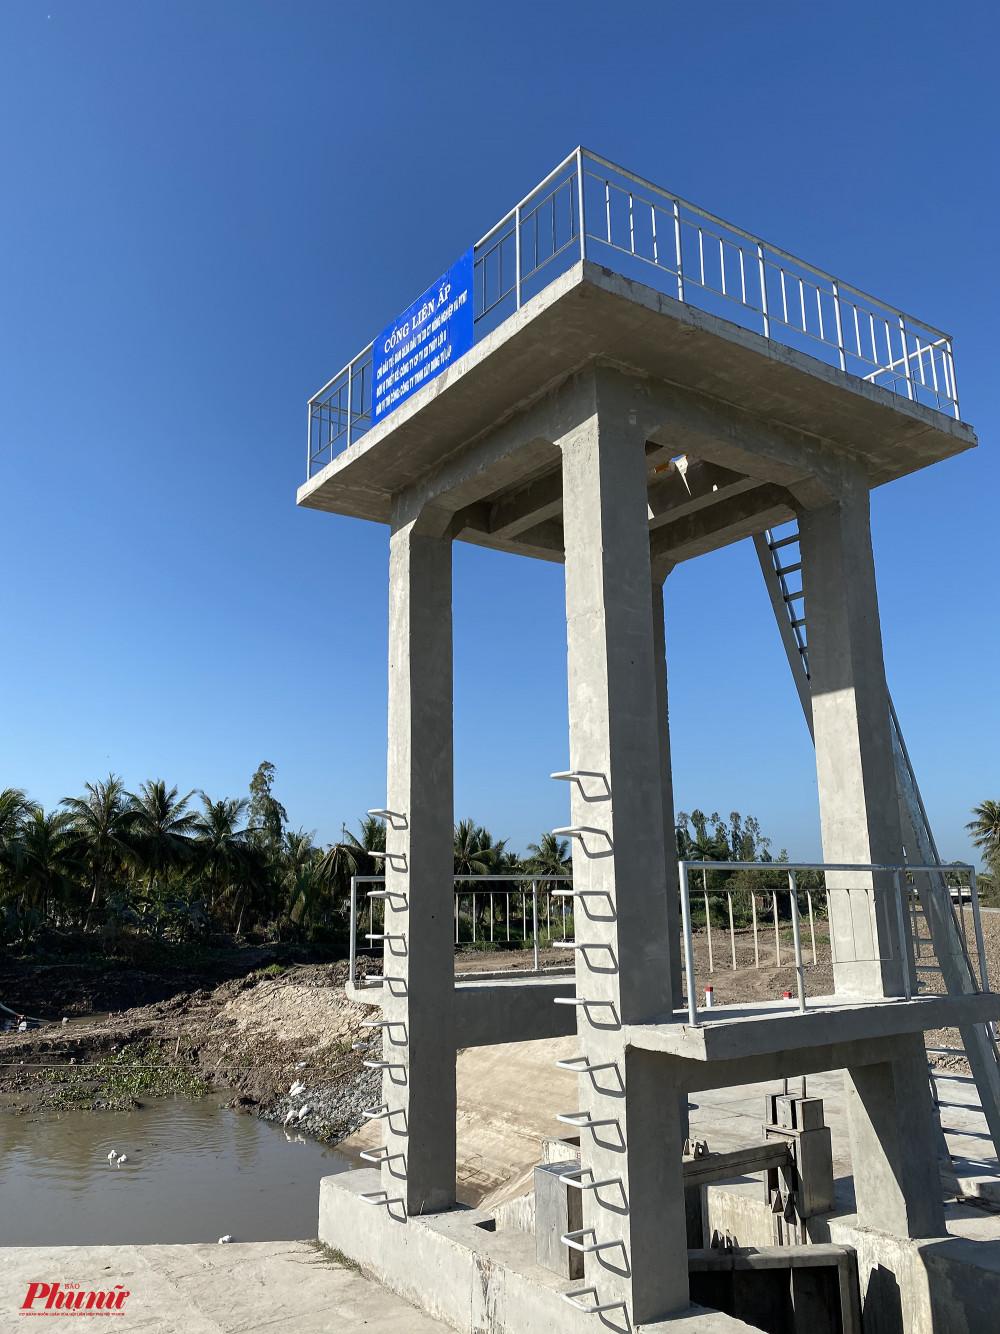 Các cửa cống, đập được đóng liên tục để ngăn nước mặn tràn vào. Trong cống chỉ còn sót lại một ít nước ngọt để khoảng chục hộ dân sử dụng.